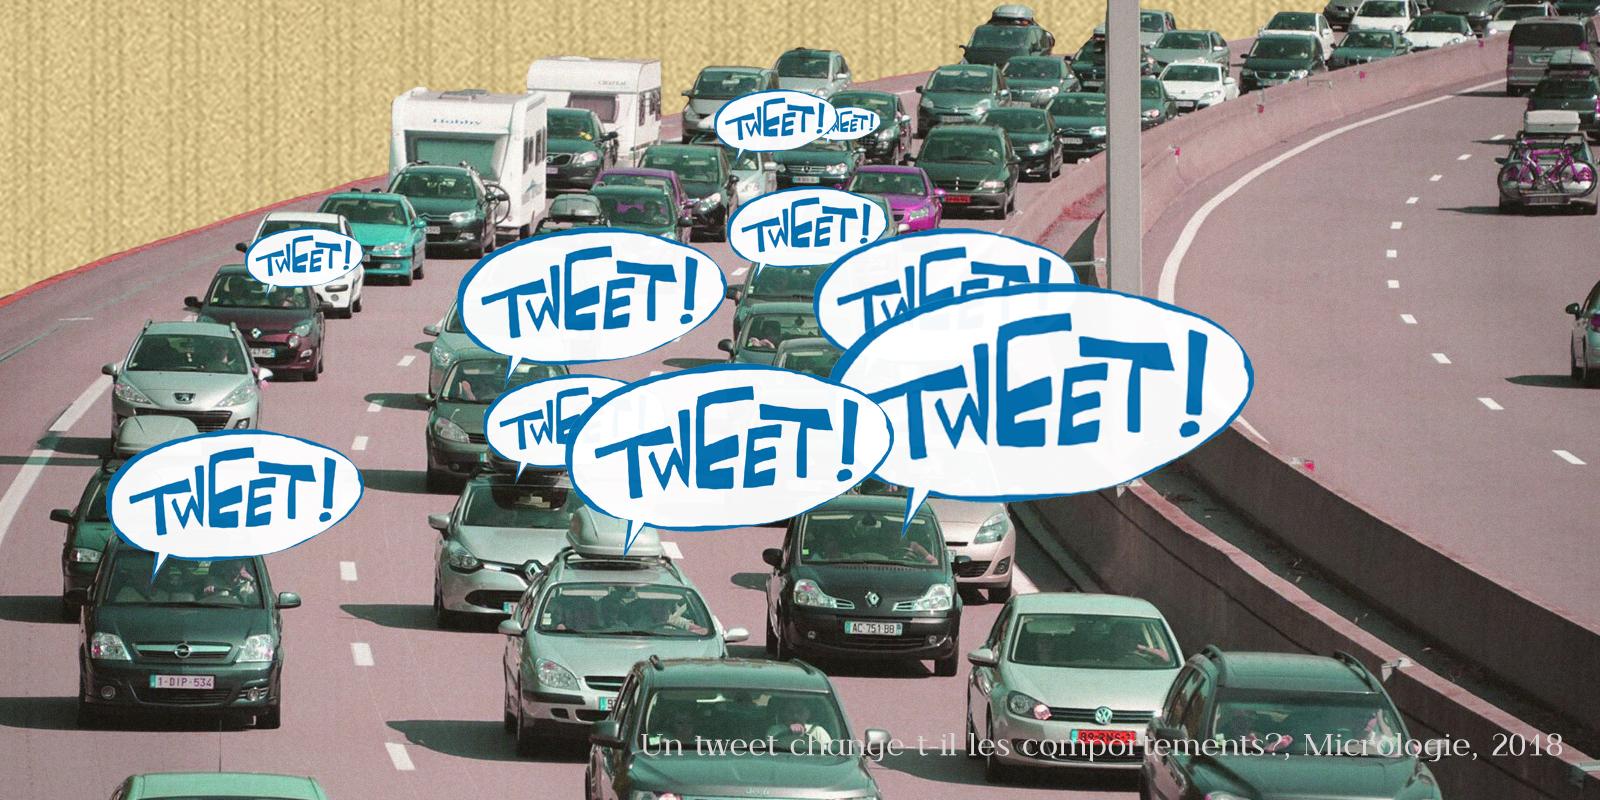 tweet comportement, micrologie